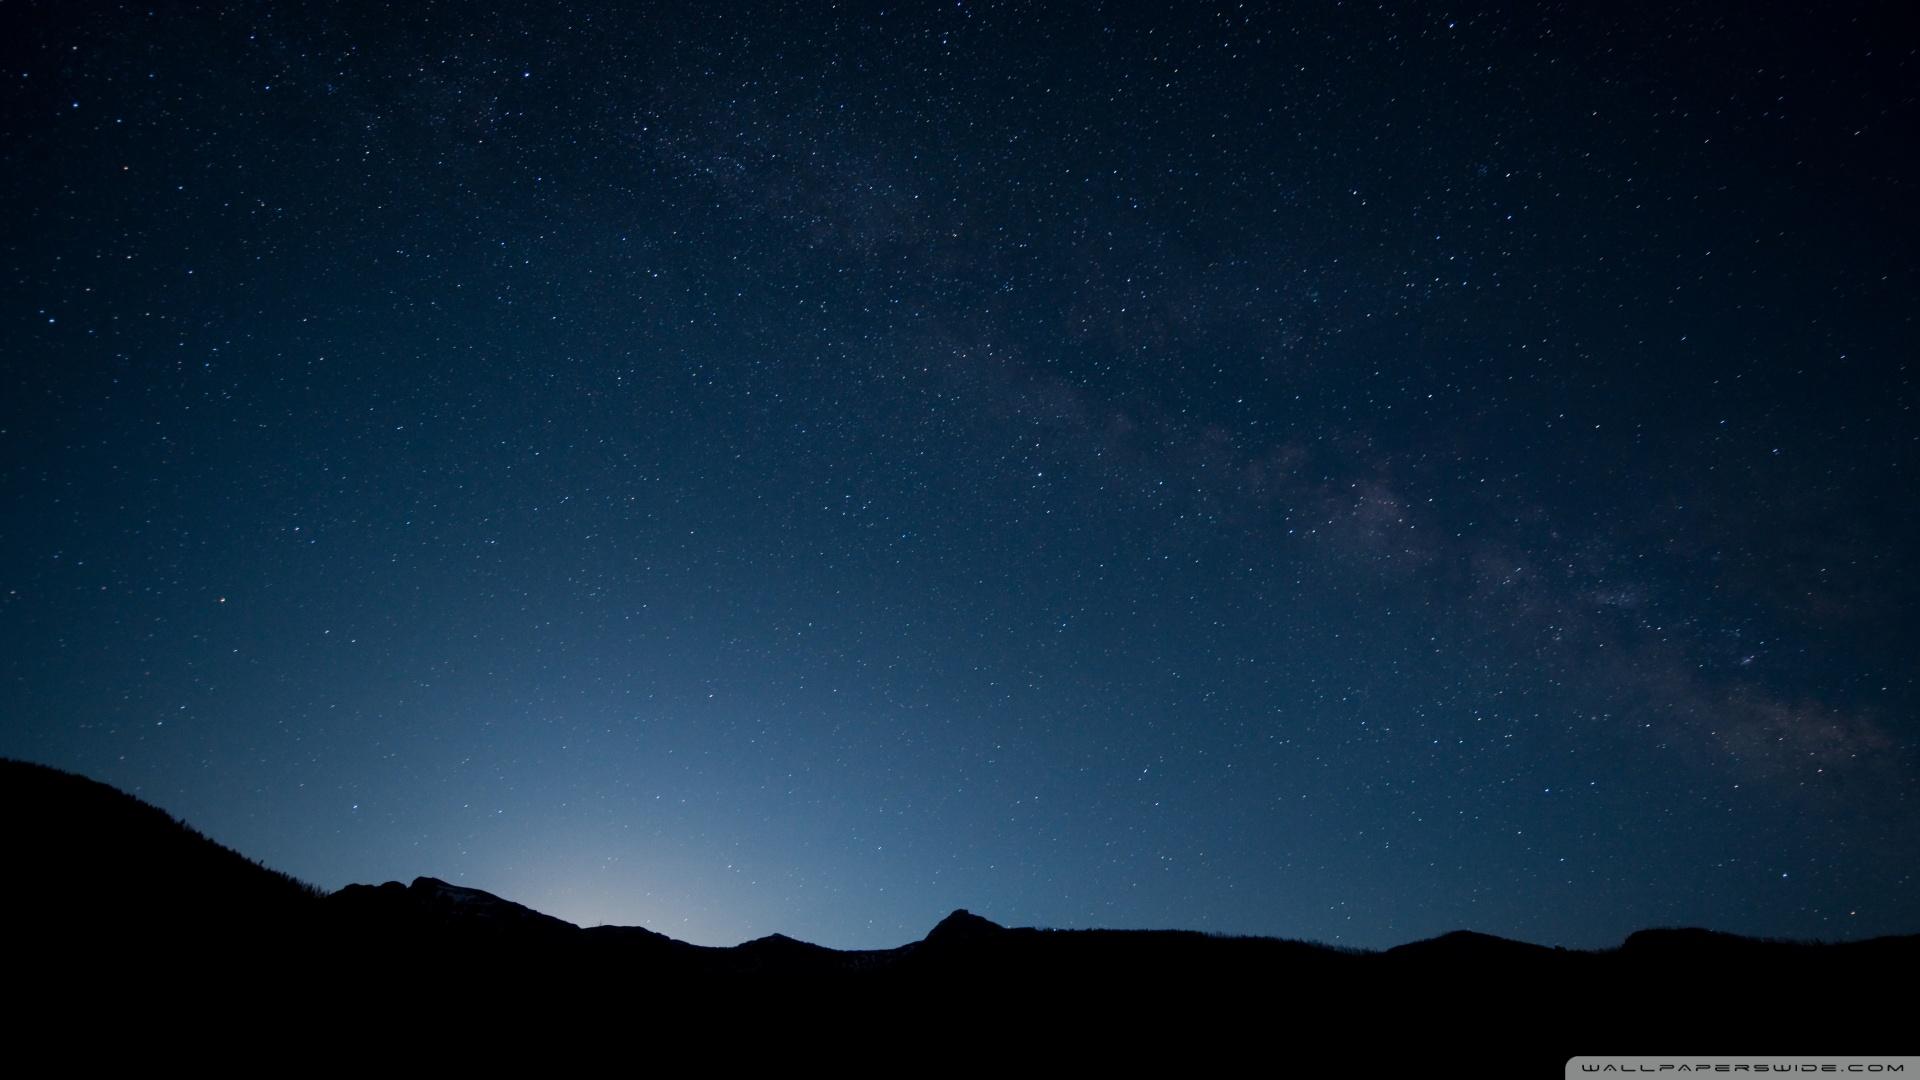 Download Night Sky 3 Wallpaper 1920x1080 Wallpoper 450472 1920x1080